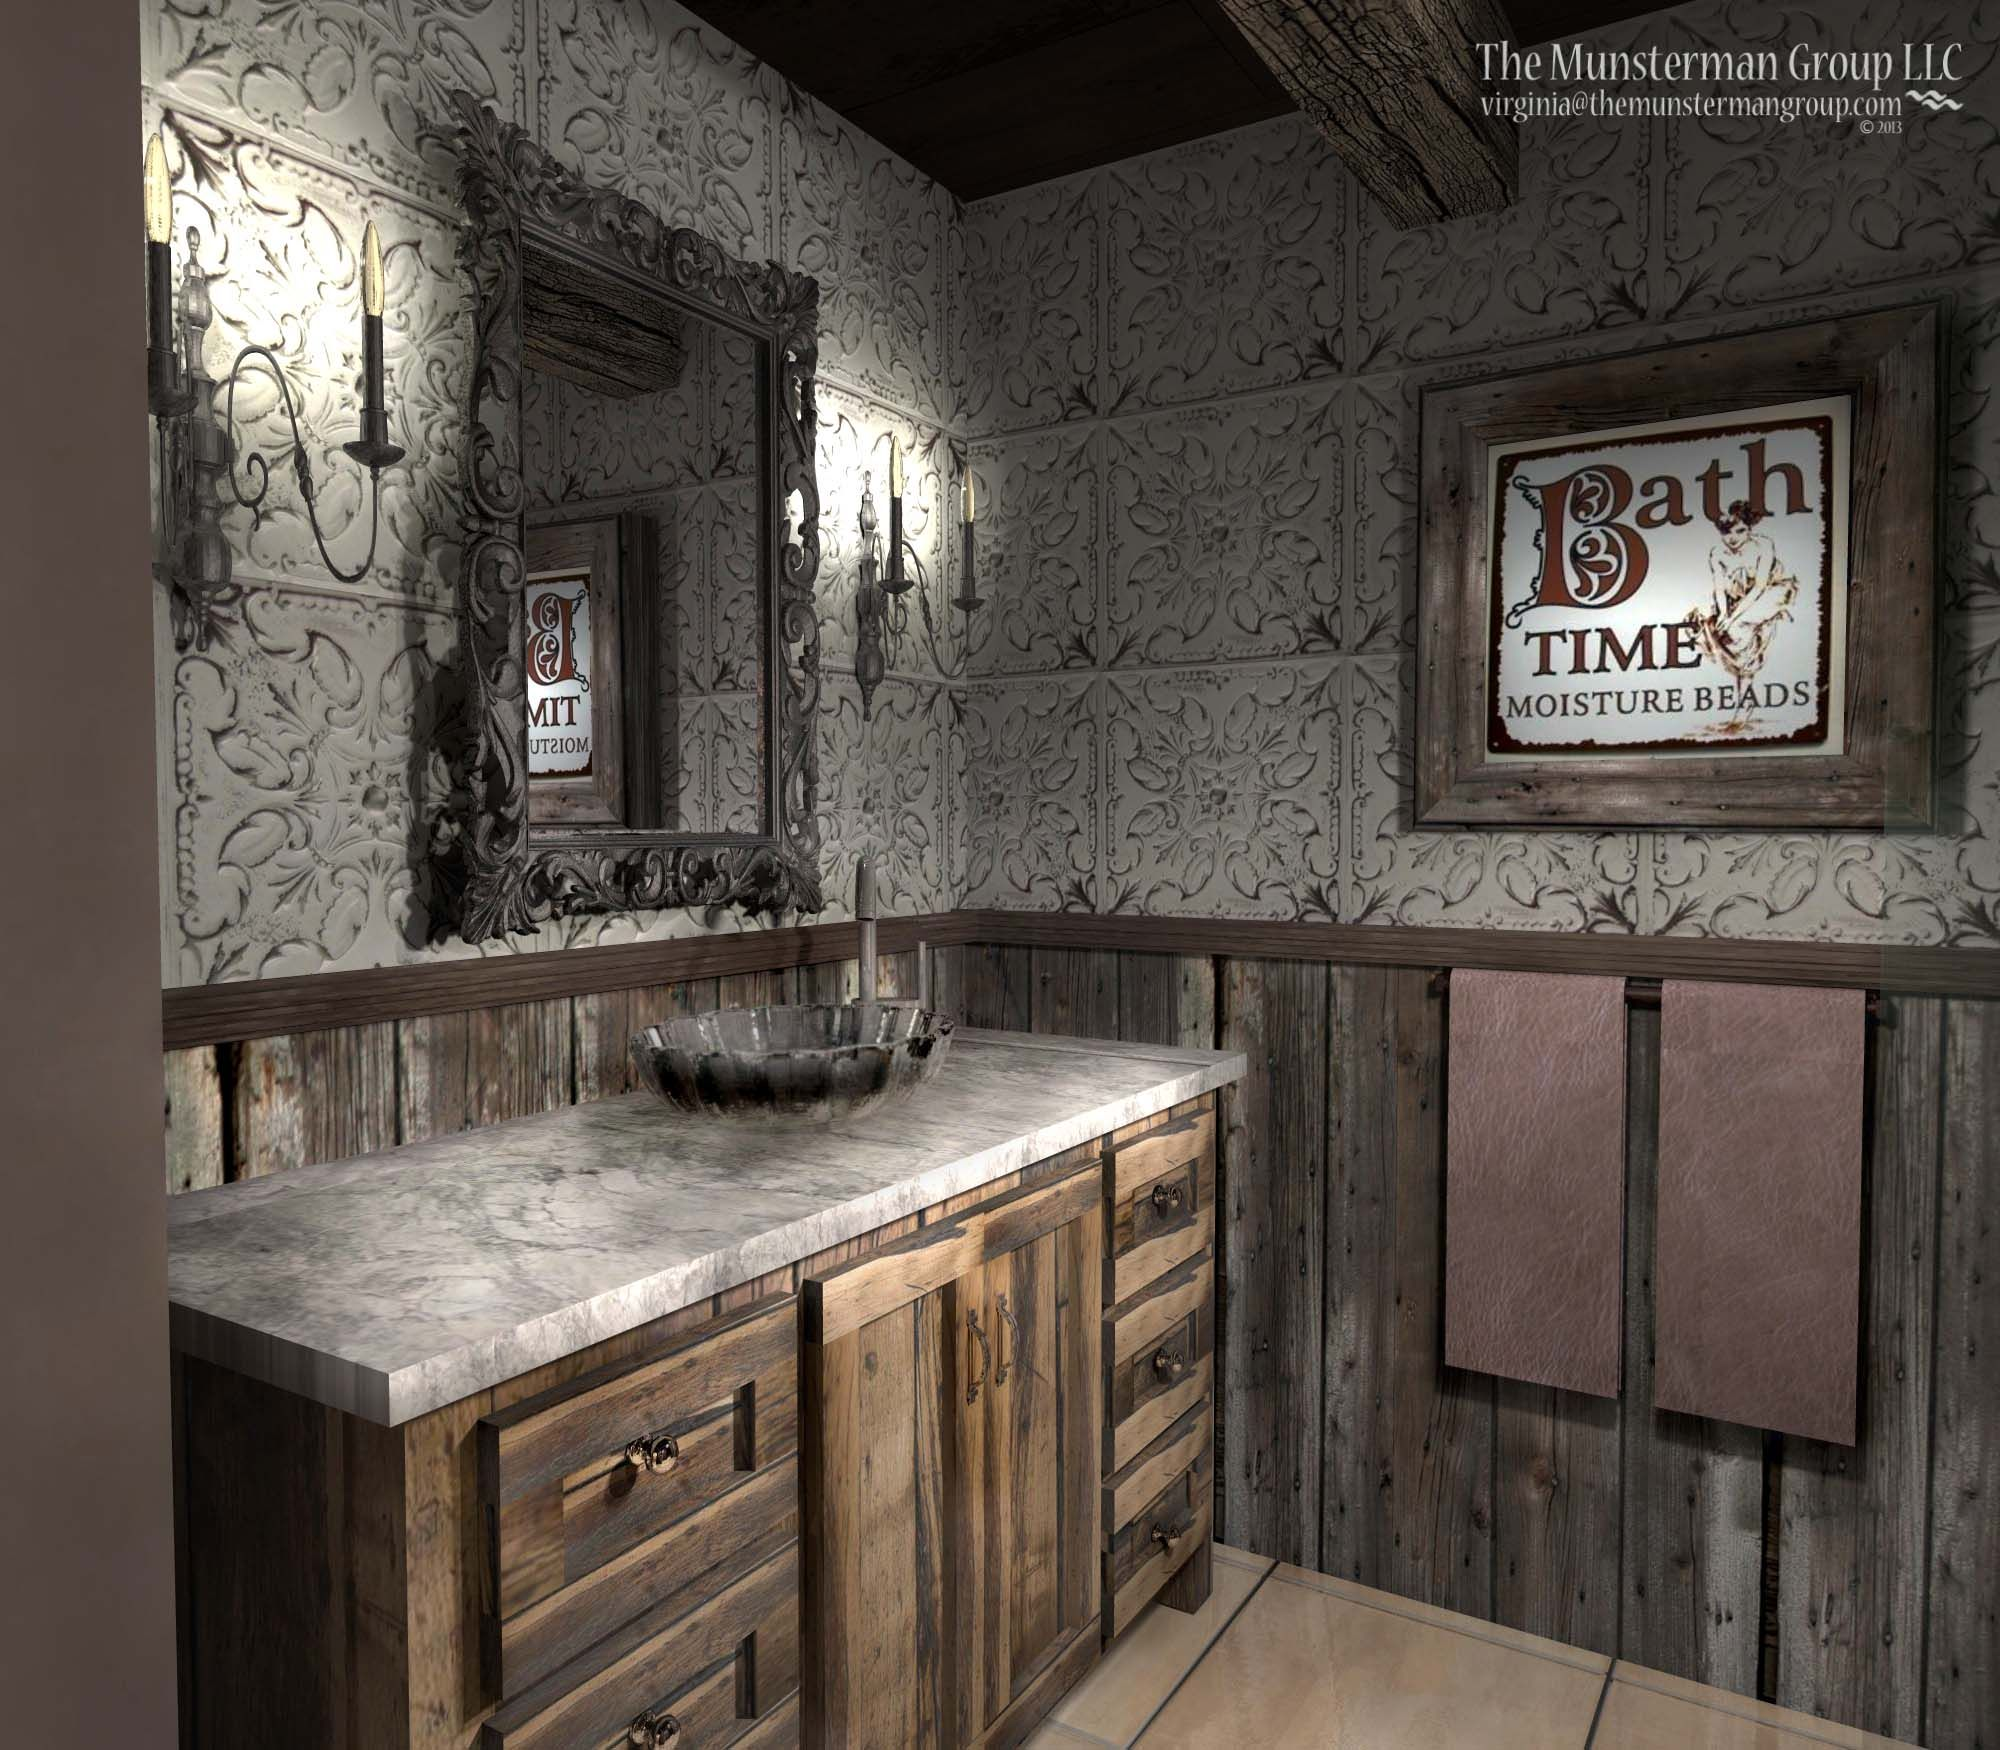 11 12 13 diamond mine bathroom redesign barn wood reclaimed tin tile backsplash rustic wood creates a diamond mine feel